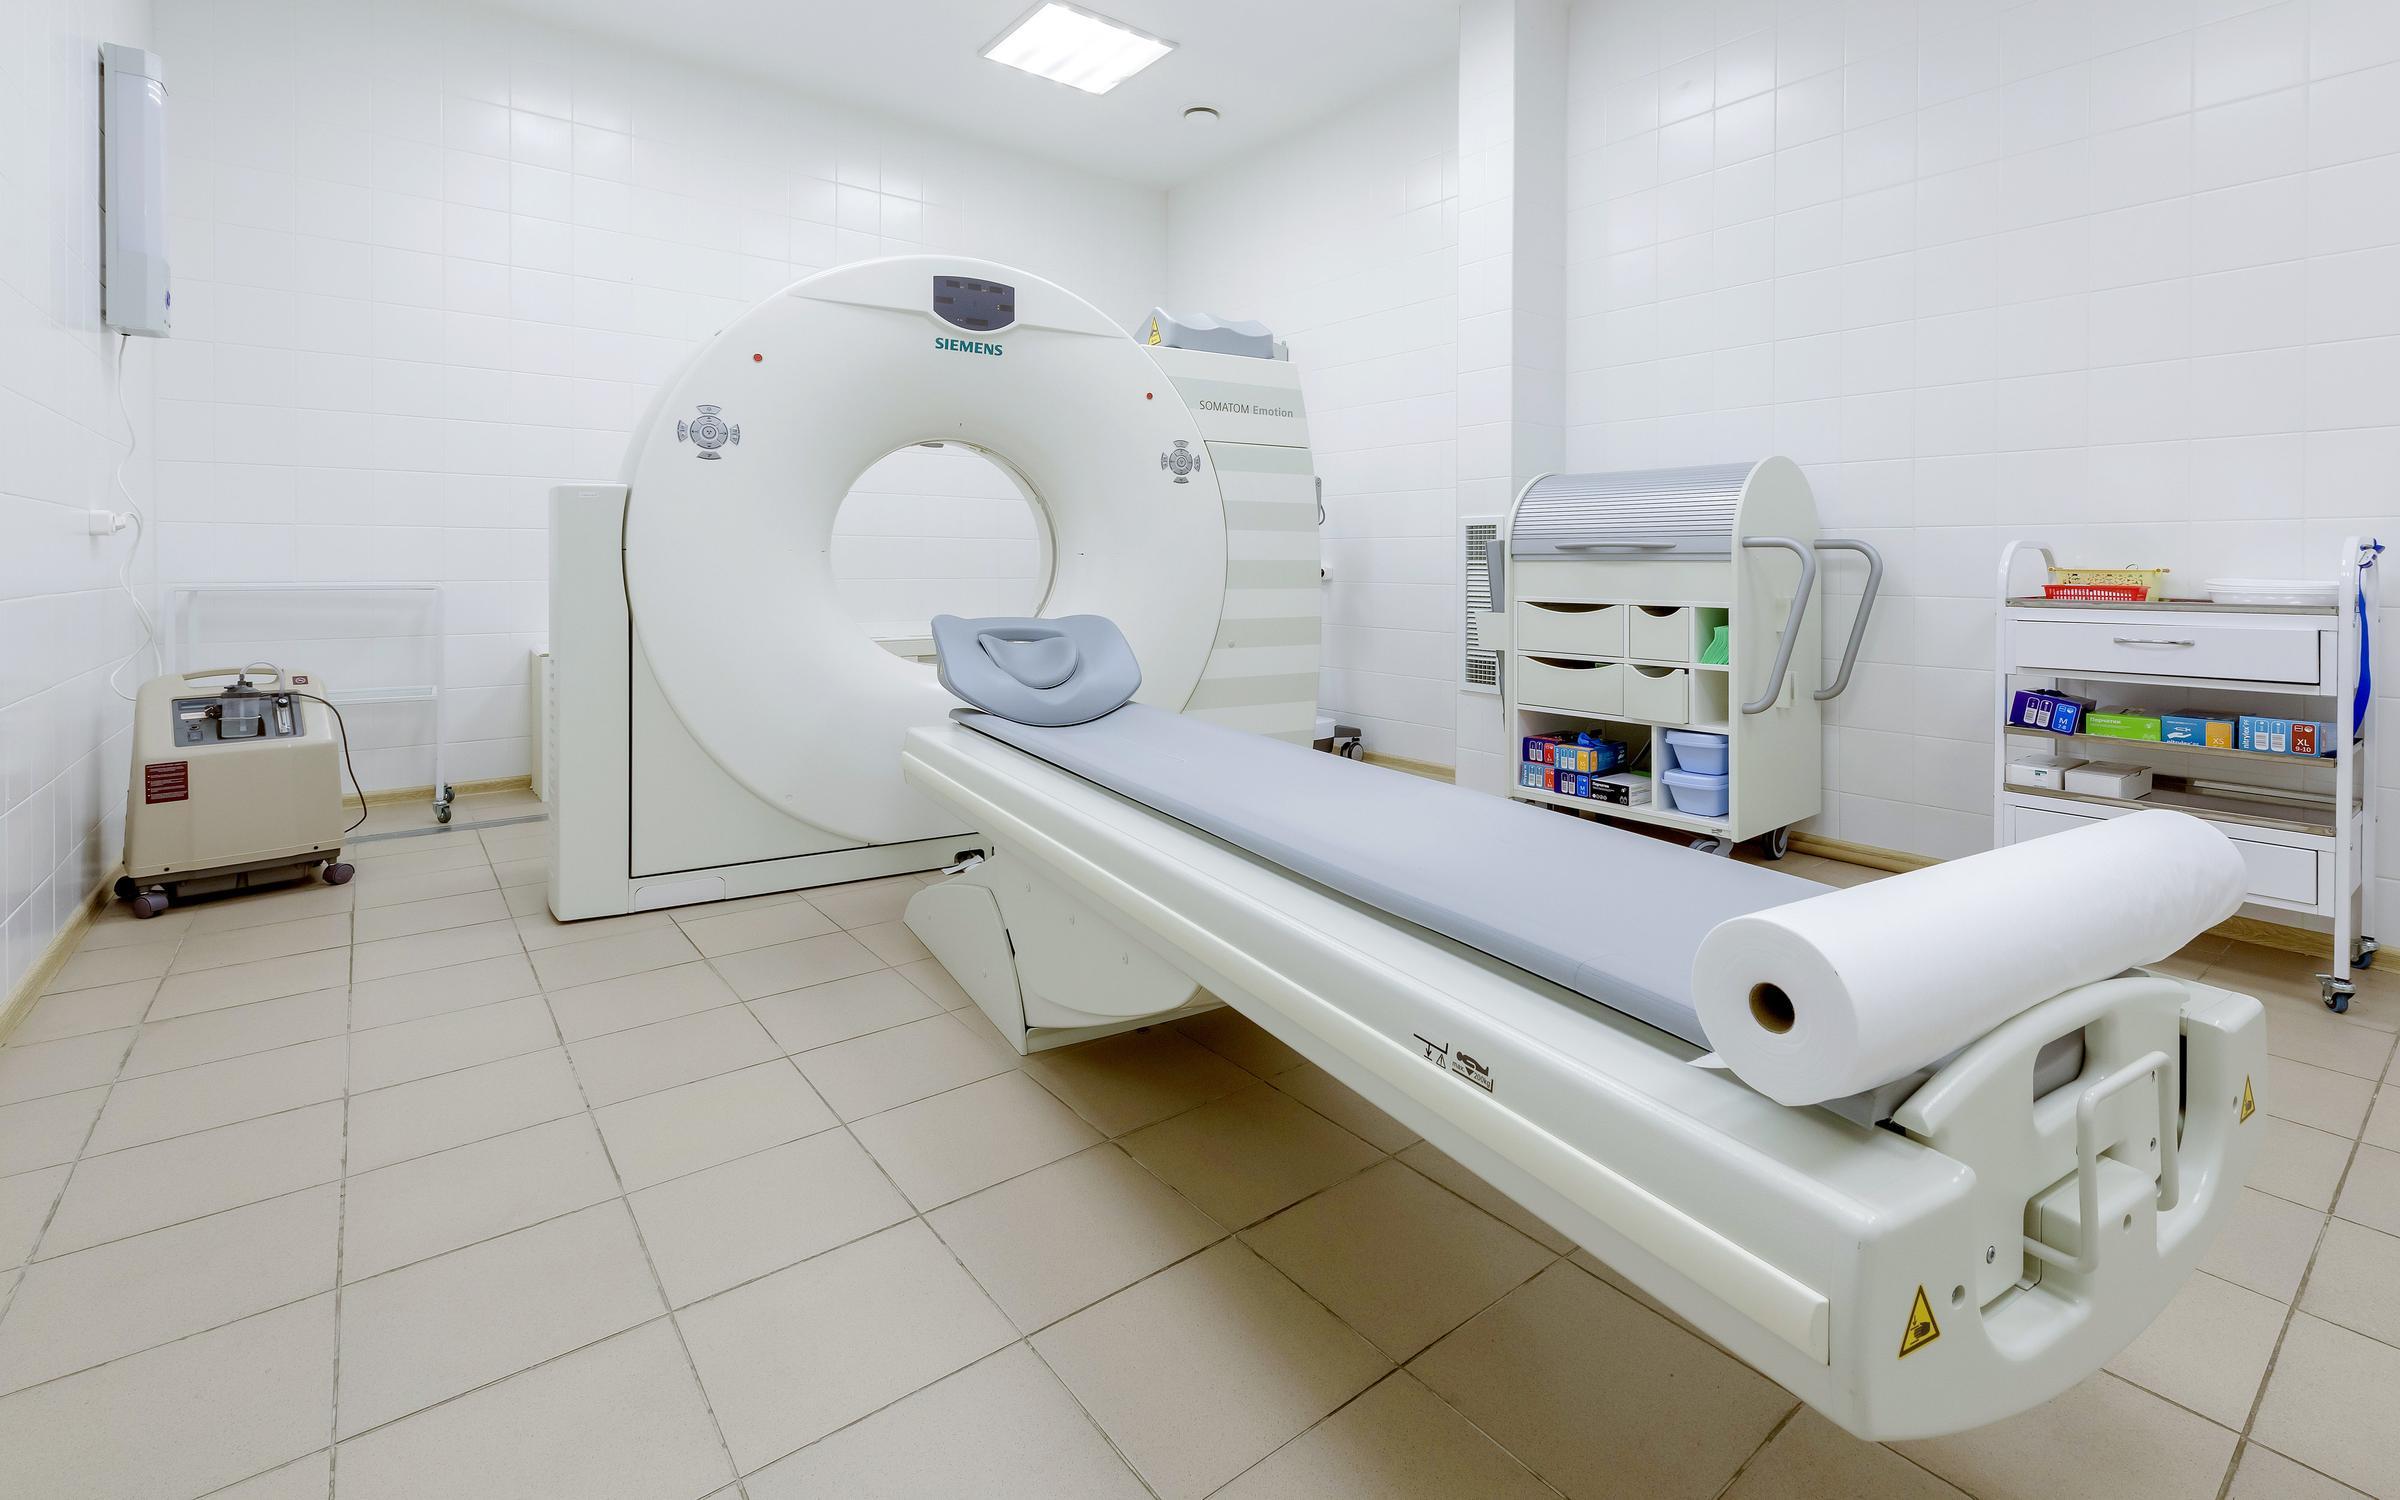 фотография Медицинского центра СМ-Клиника на Дунайском проспекте